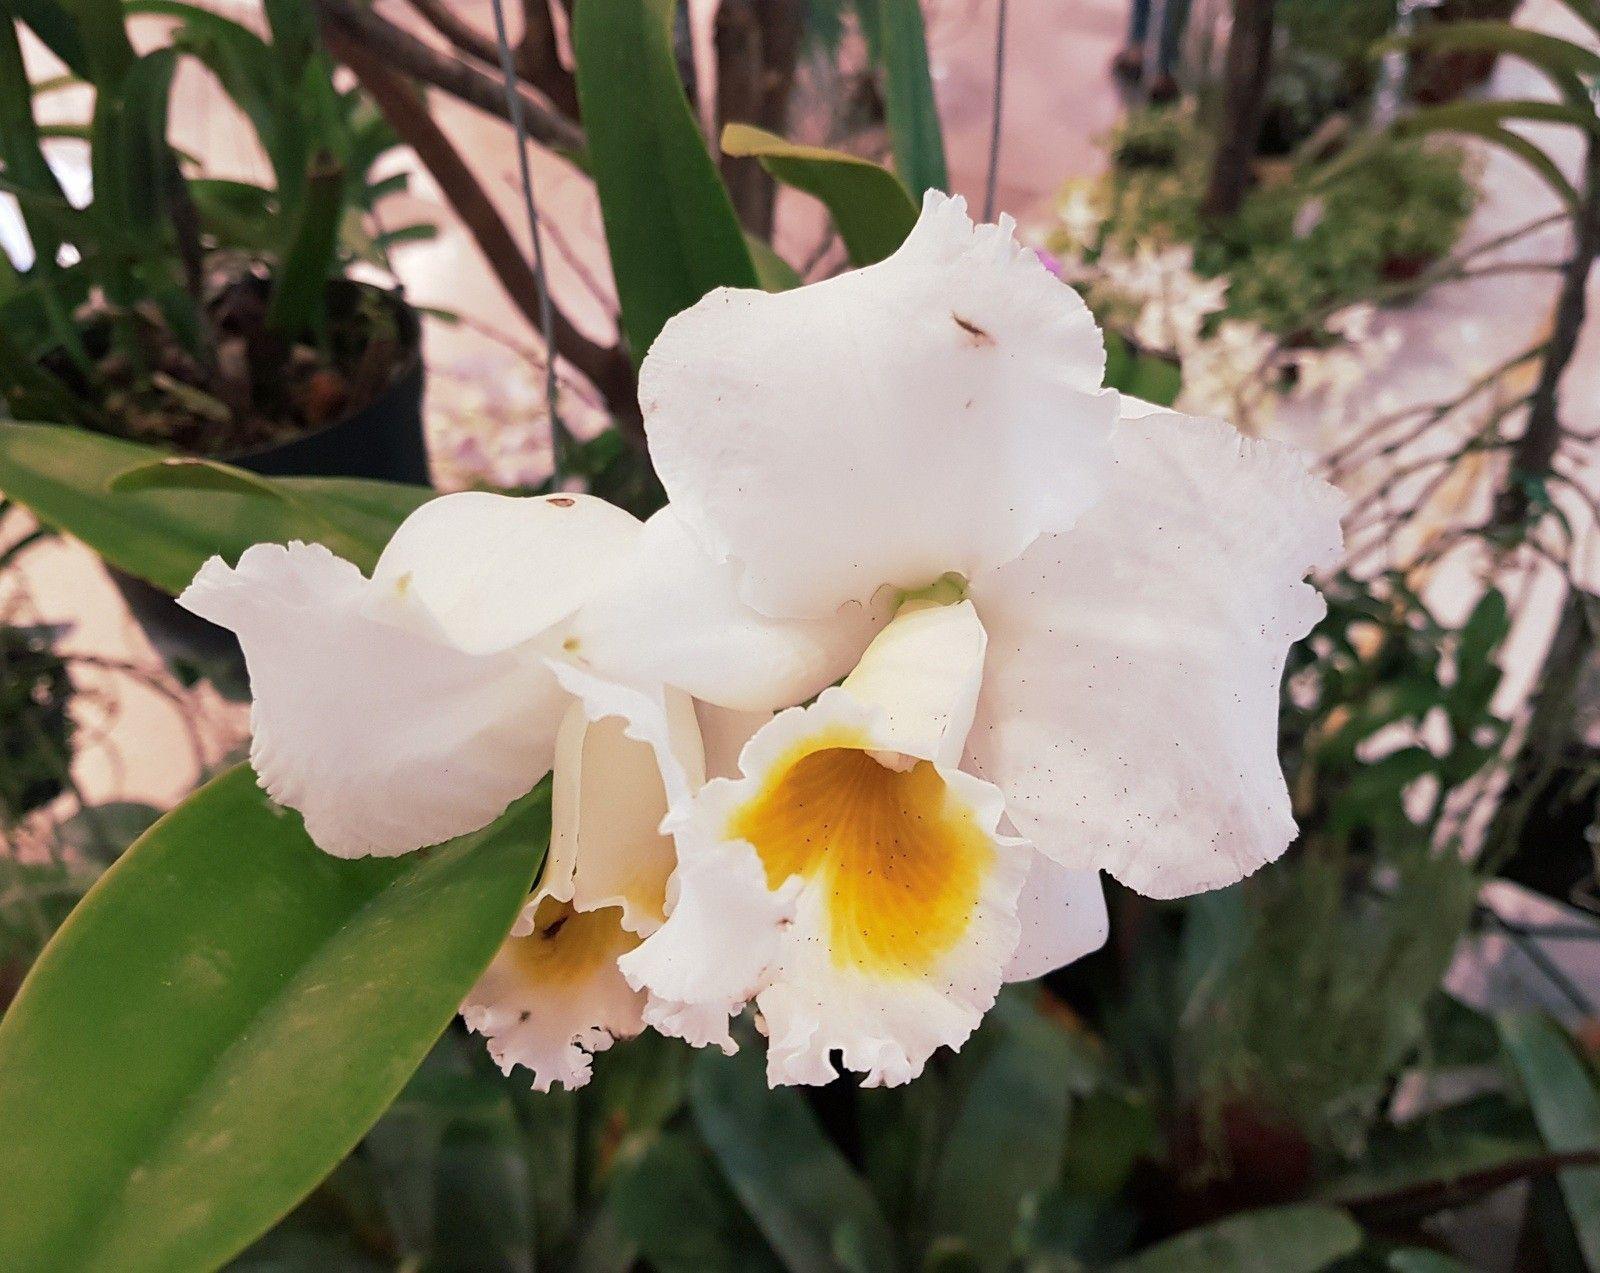 white Cattleya flower with yellow lip.Elegant white Cattleya flower with yellow lip.